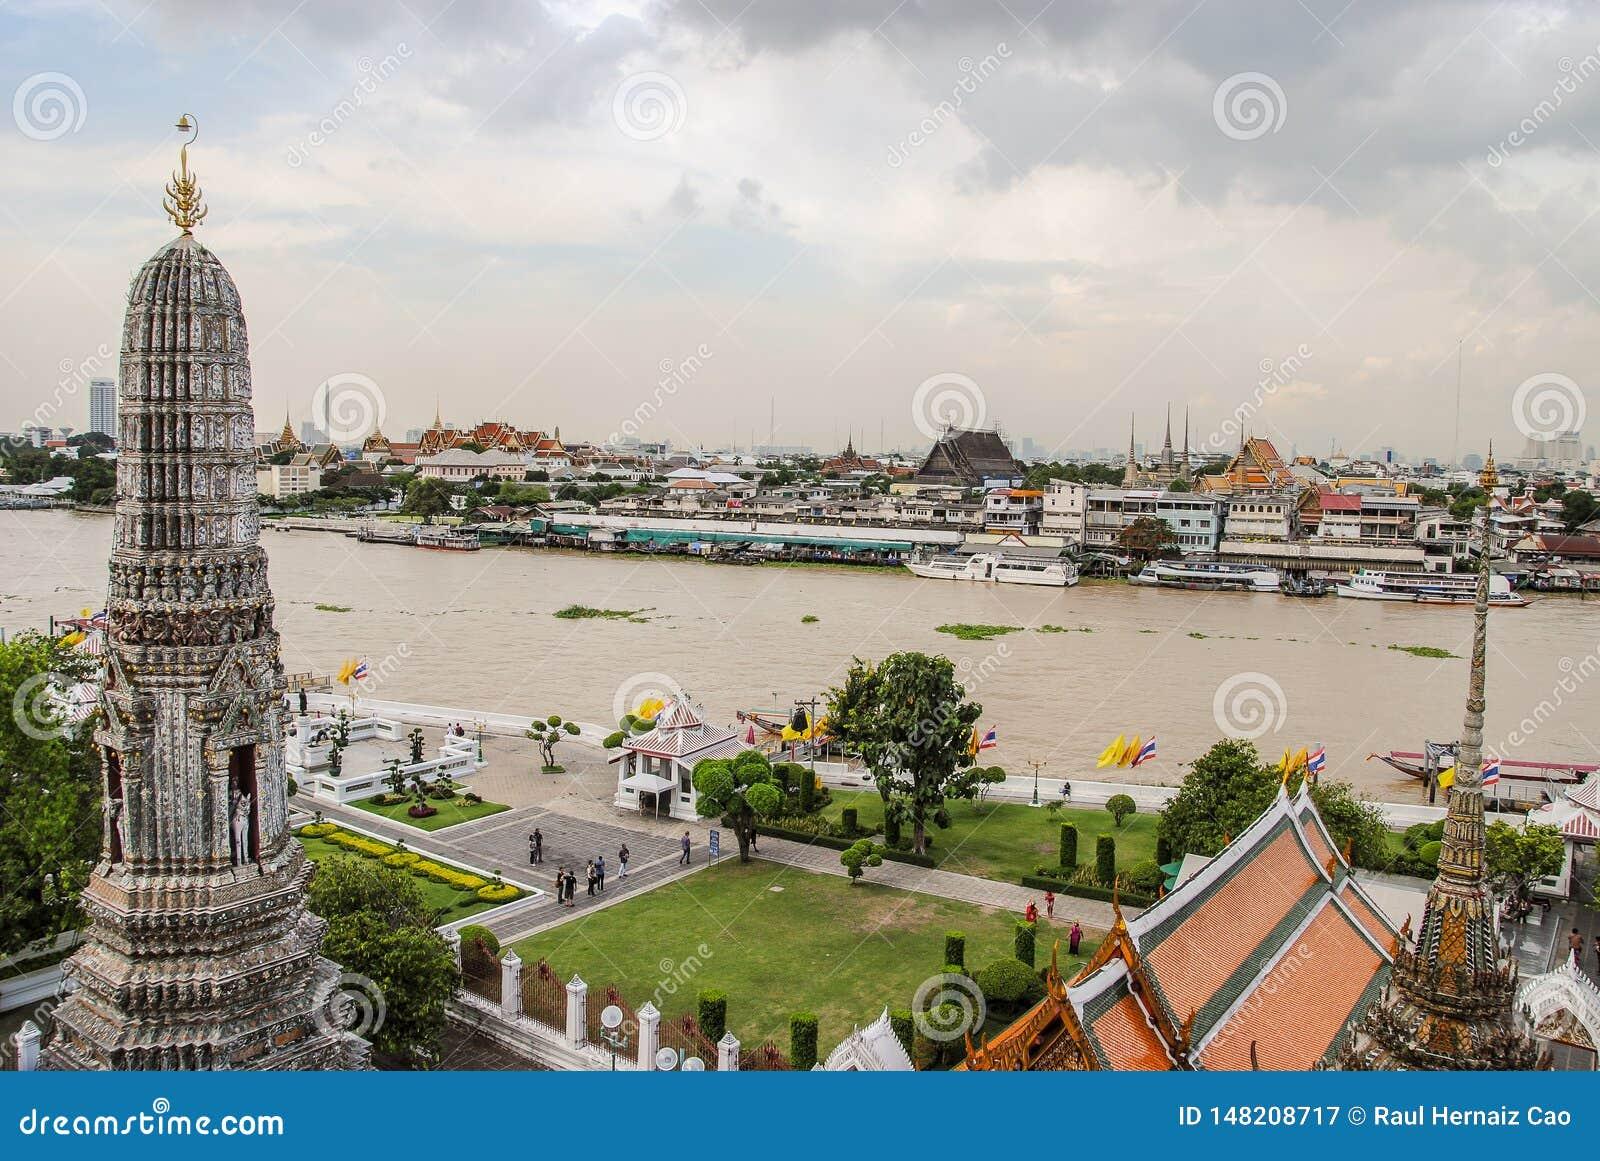 Großartiger Palast und der Chao Phaya-Fluss seit der Spitze des Wat Arun-Tempels in Bangkok, Thailand